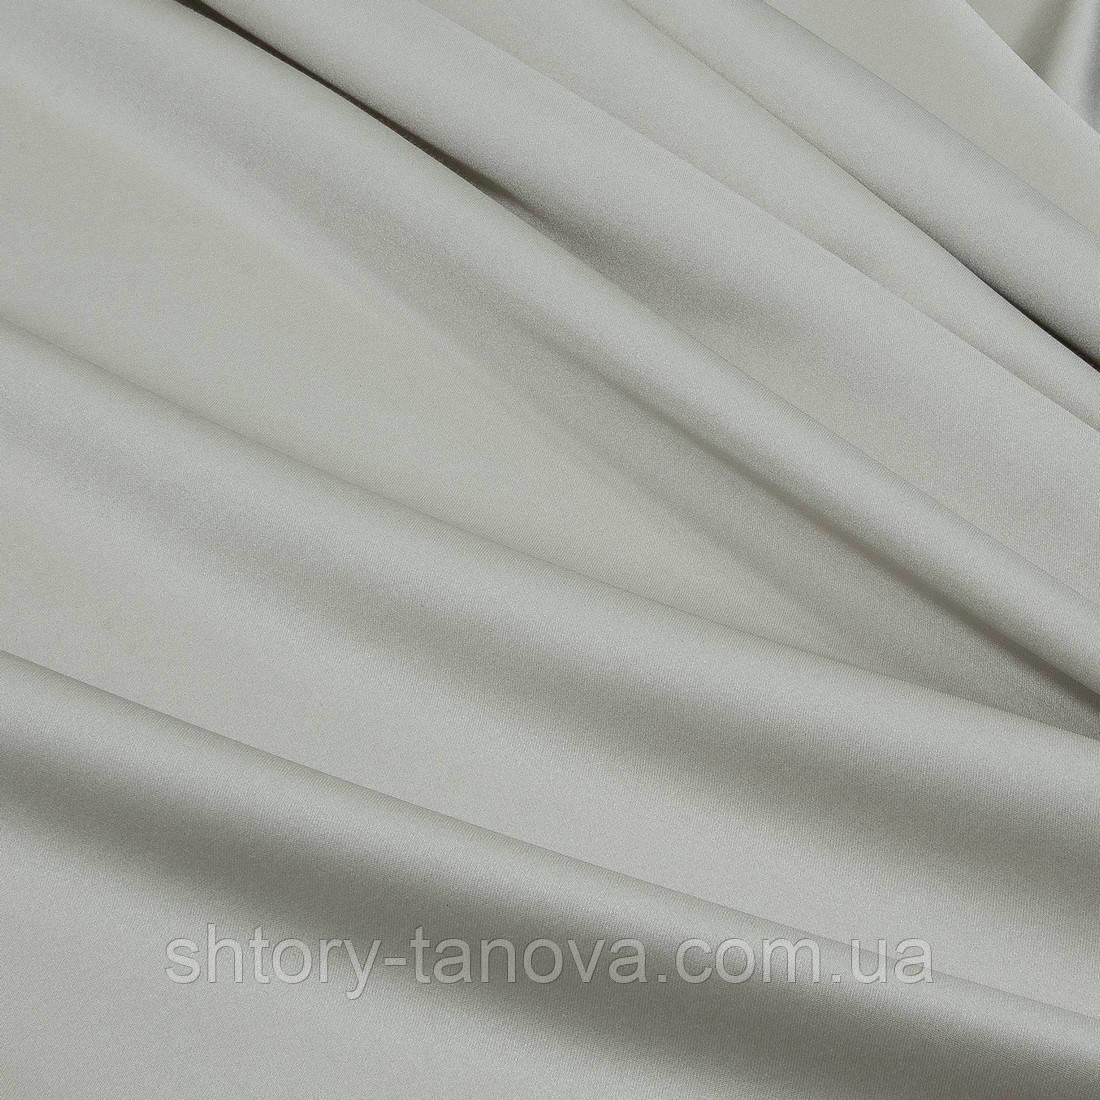 Портьерный атлас плотный крем-брюле